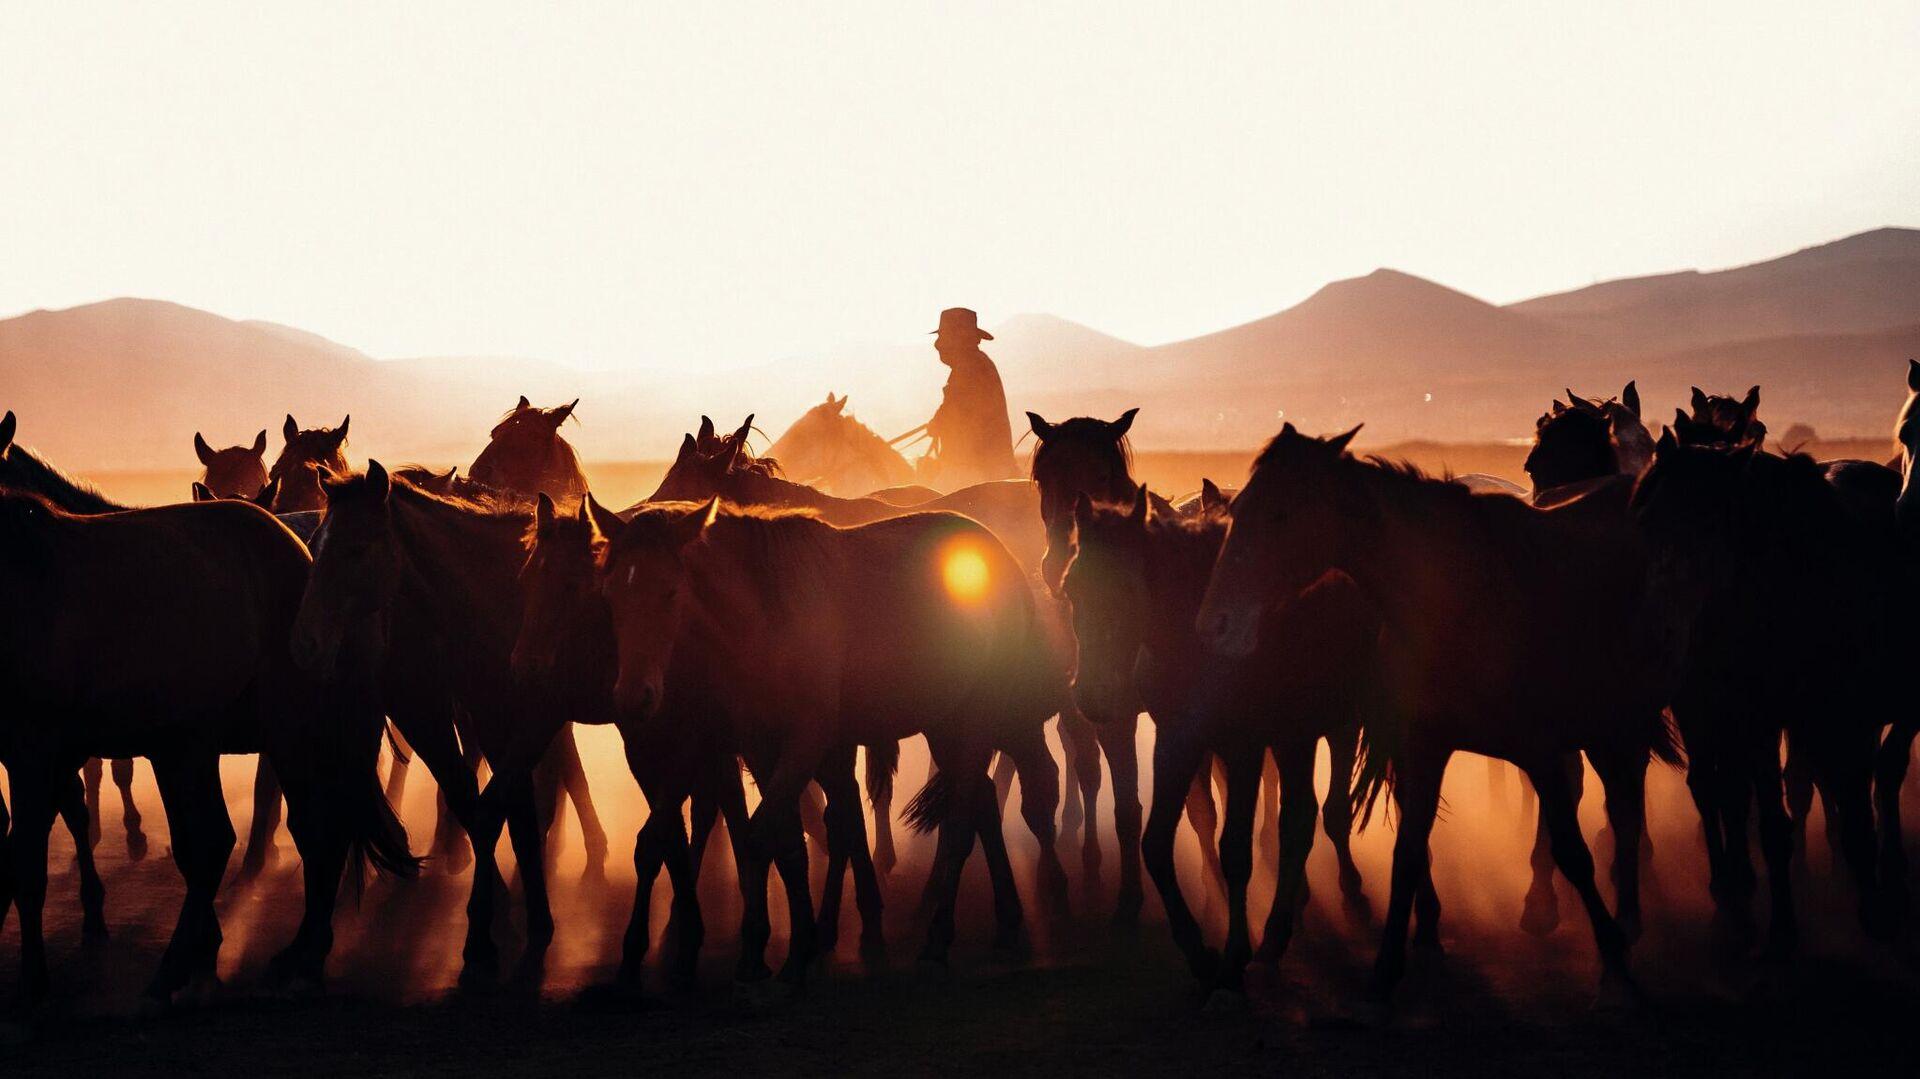 Табун лошадей - Sputnik Узбекистан, 1920, 01.10.2021